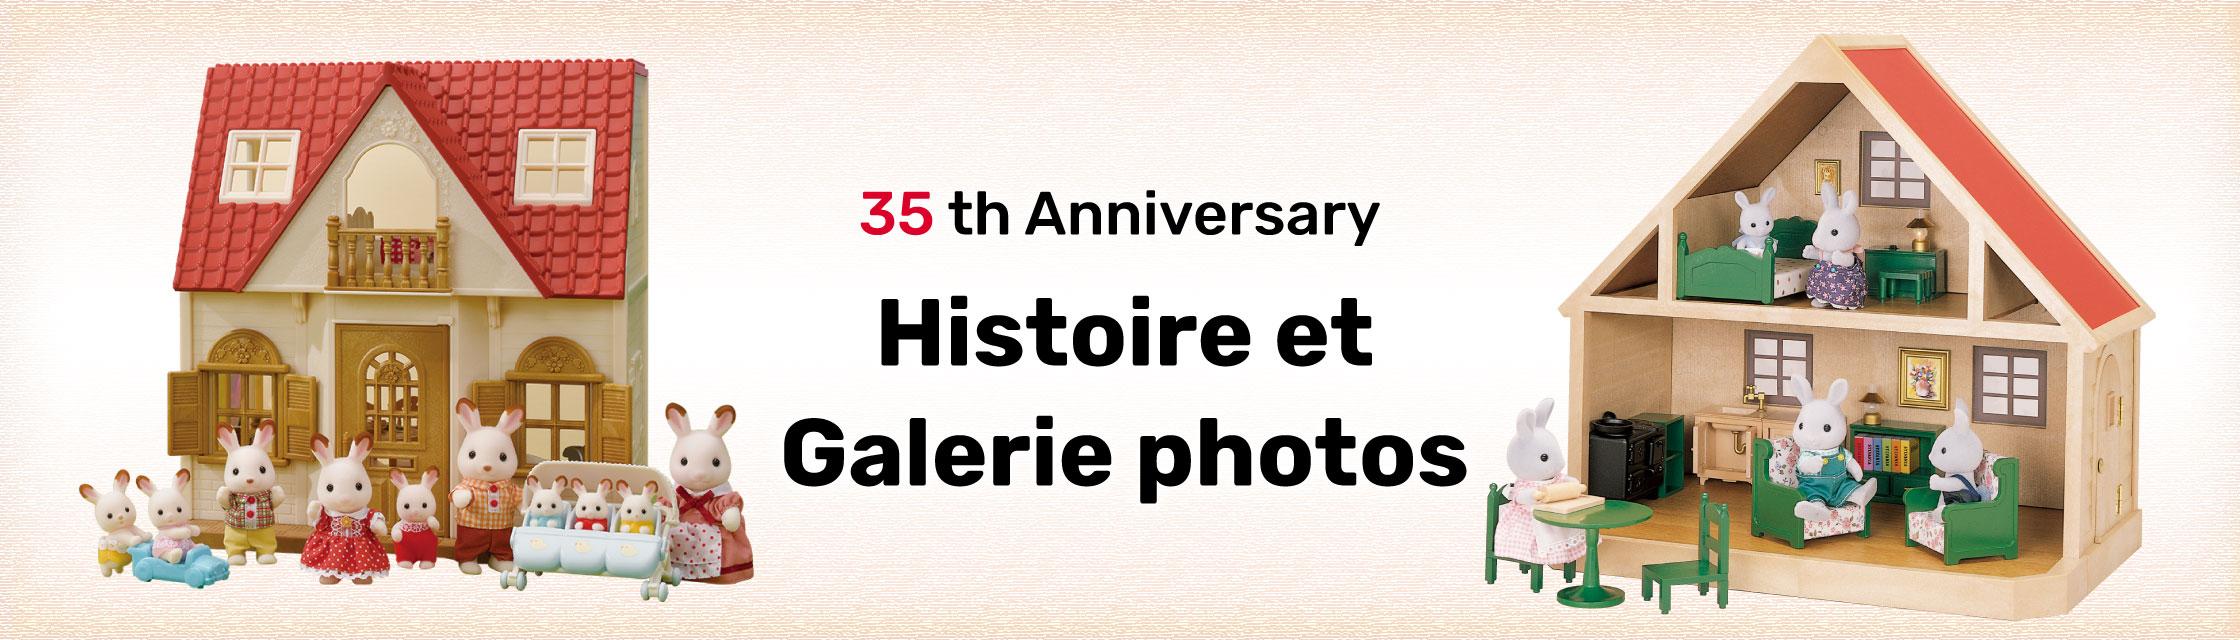 Histoire et Galerie photos